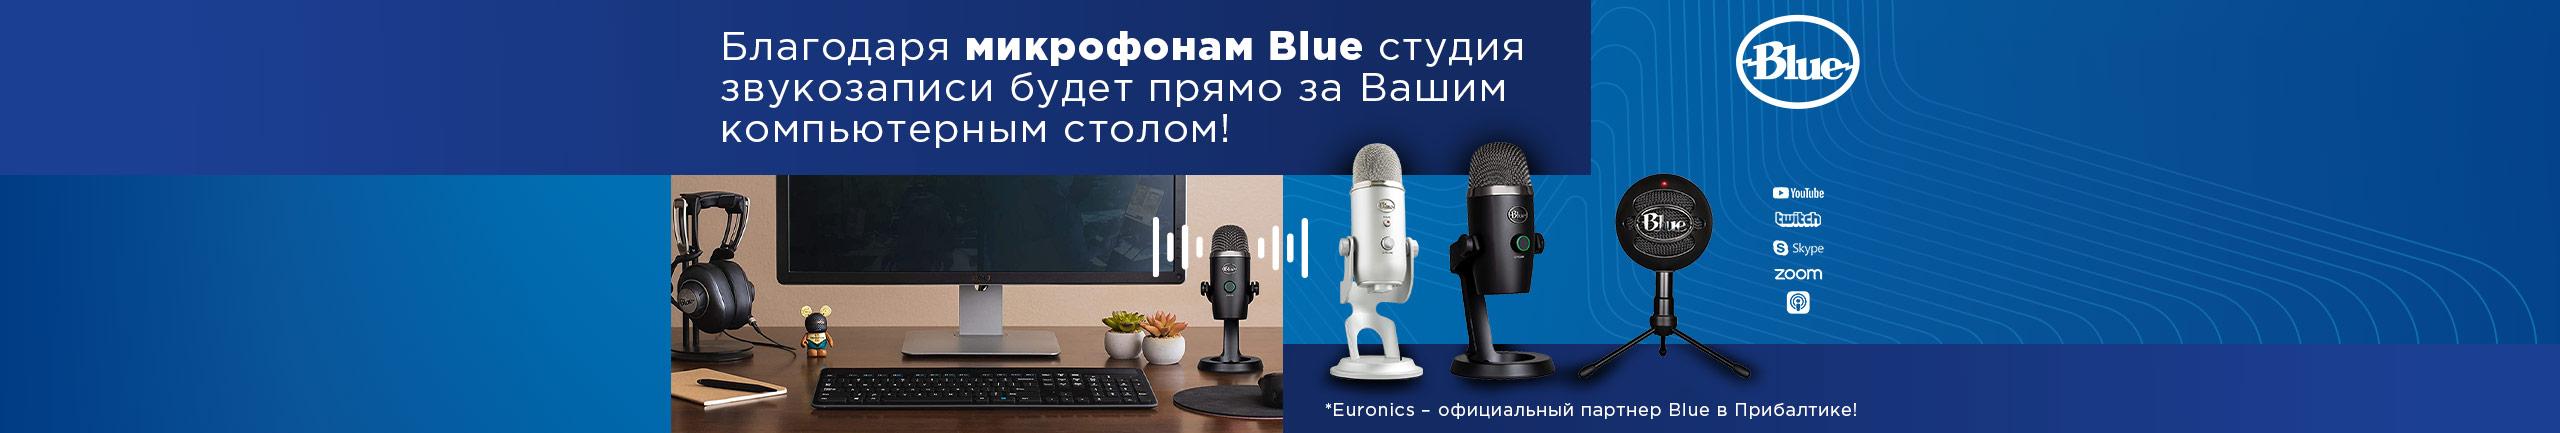 Благодаря микрофонам Blue студия звукозаписи будет прямо за Вашим компьютерным столом!